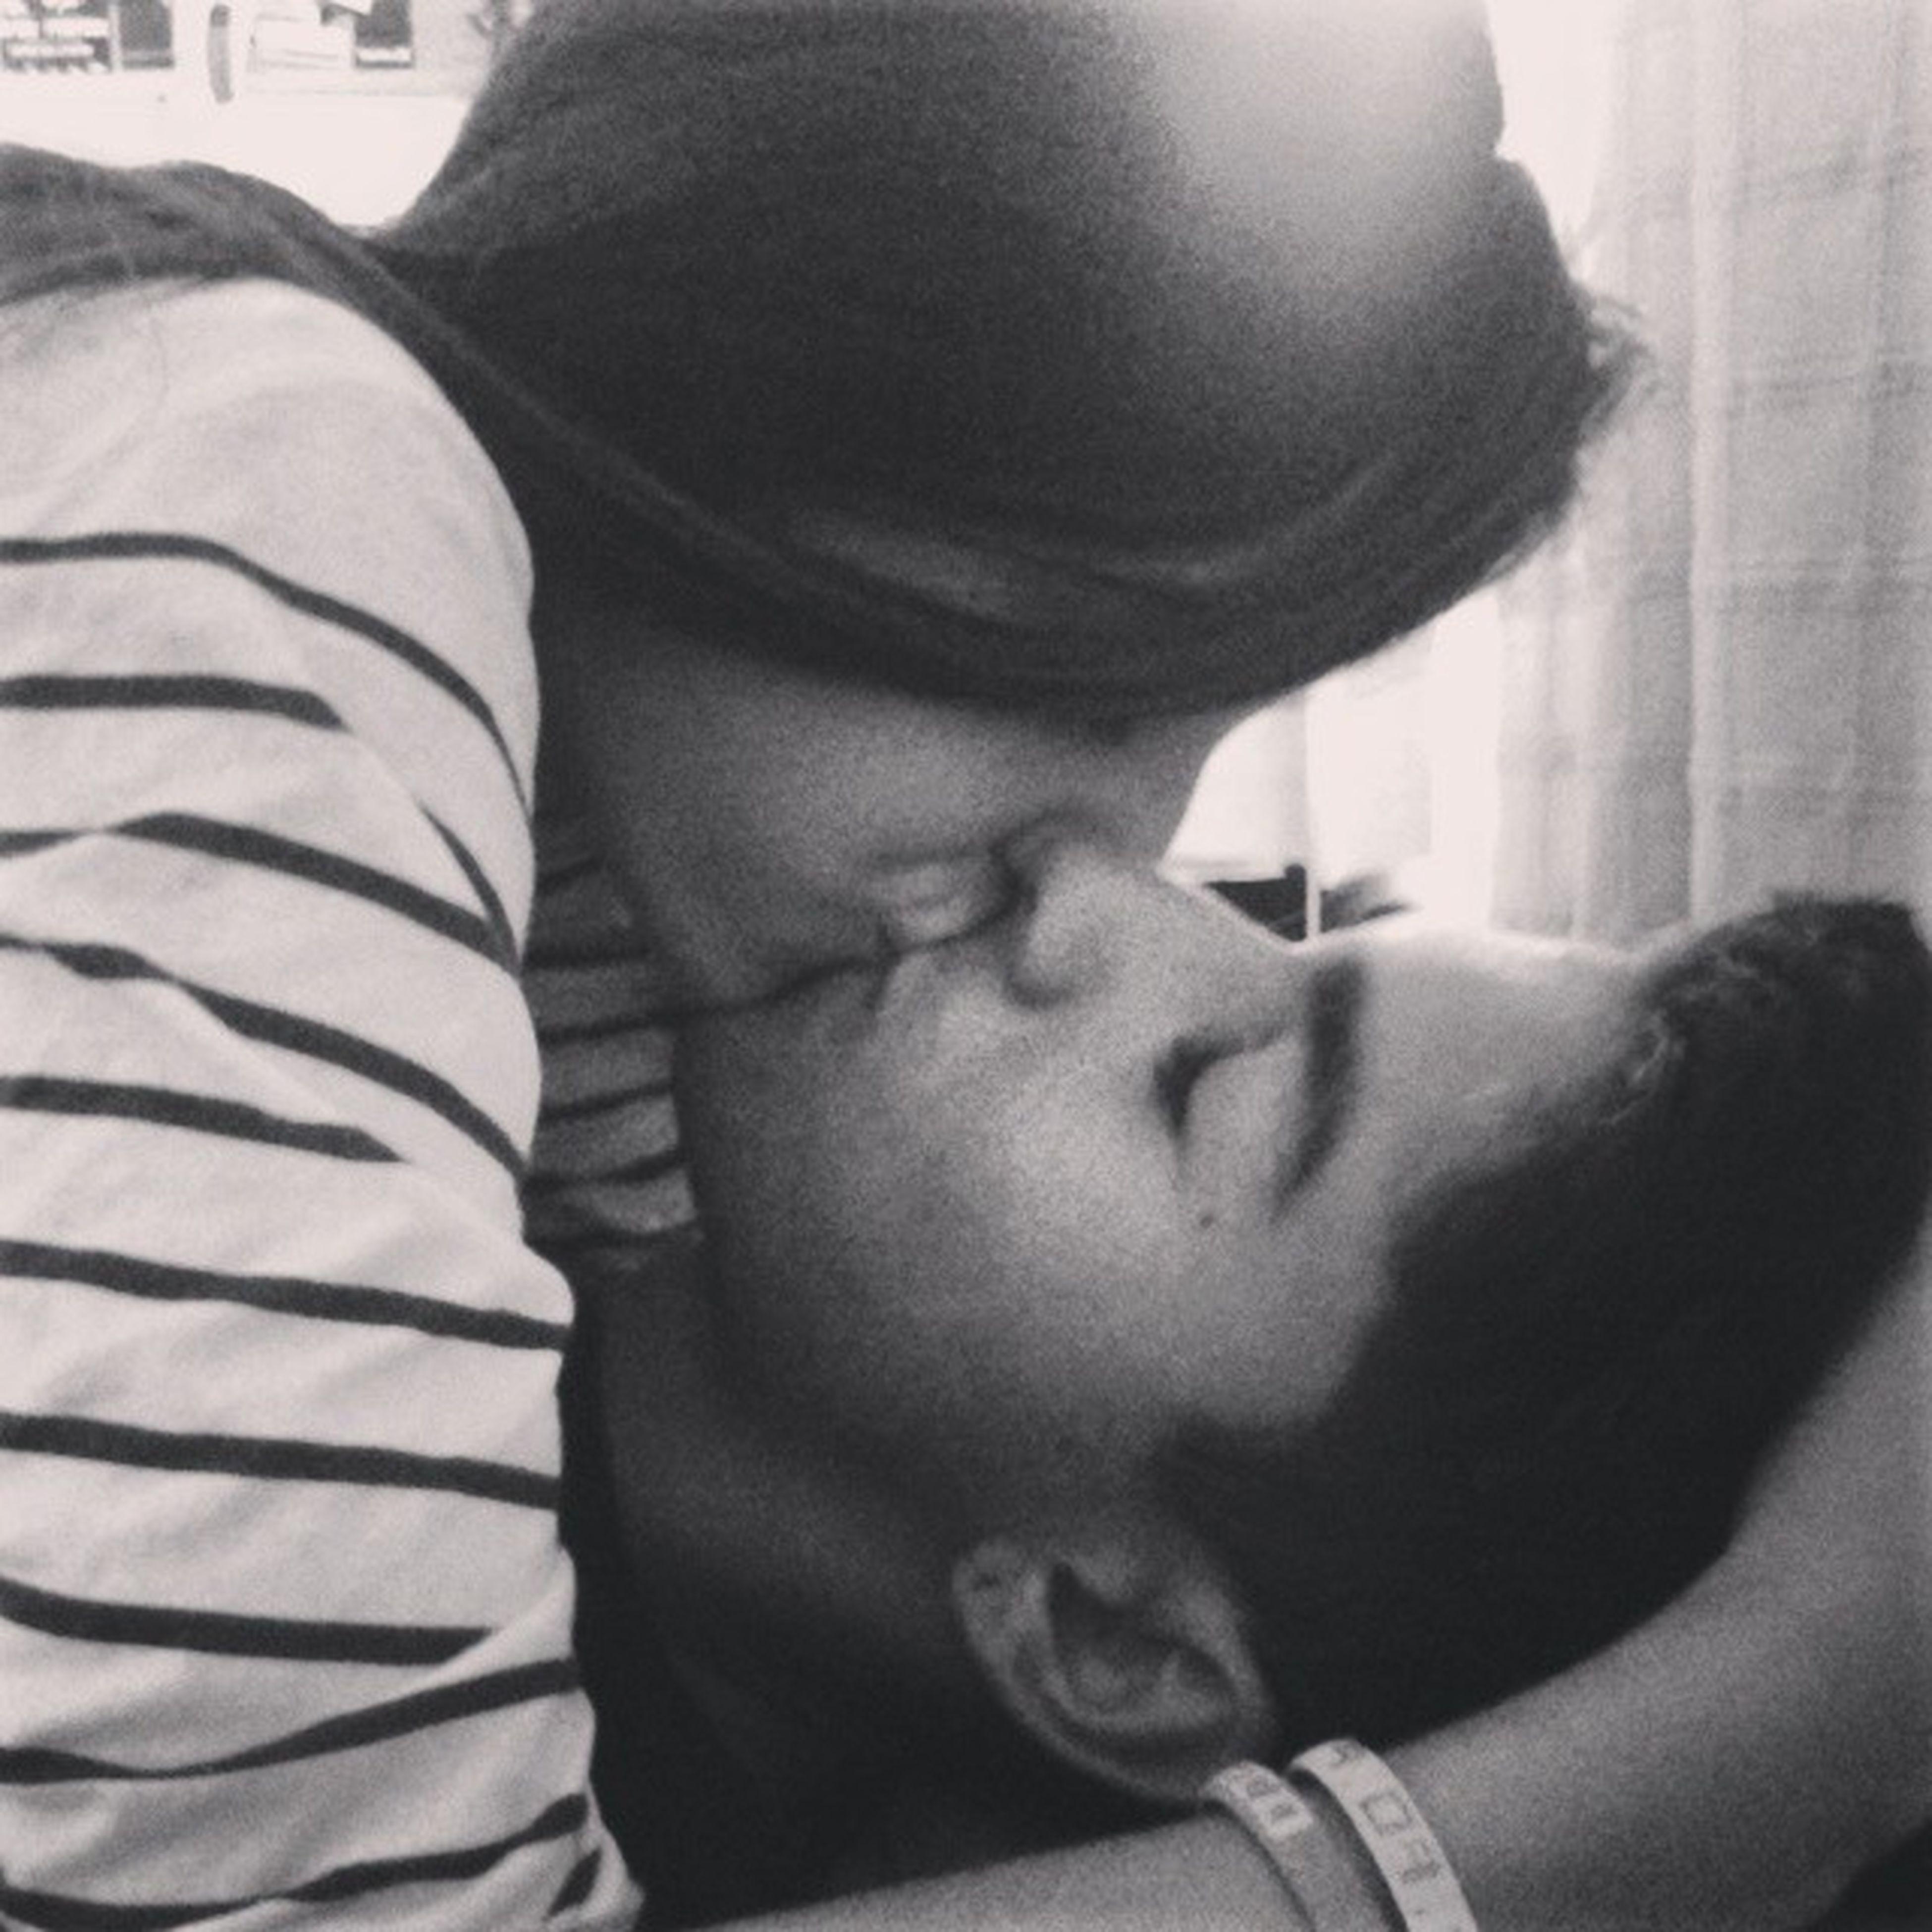 but darling stay with me. Tardeperfeita Jatinhasaudades Esperfeitamiuda Avidasaodoisdiasmaseuqueroficarcontigonove